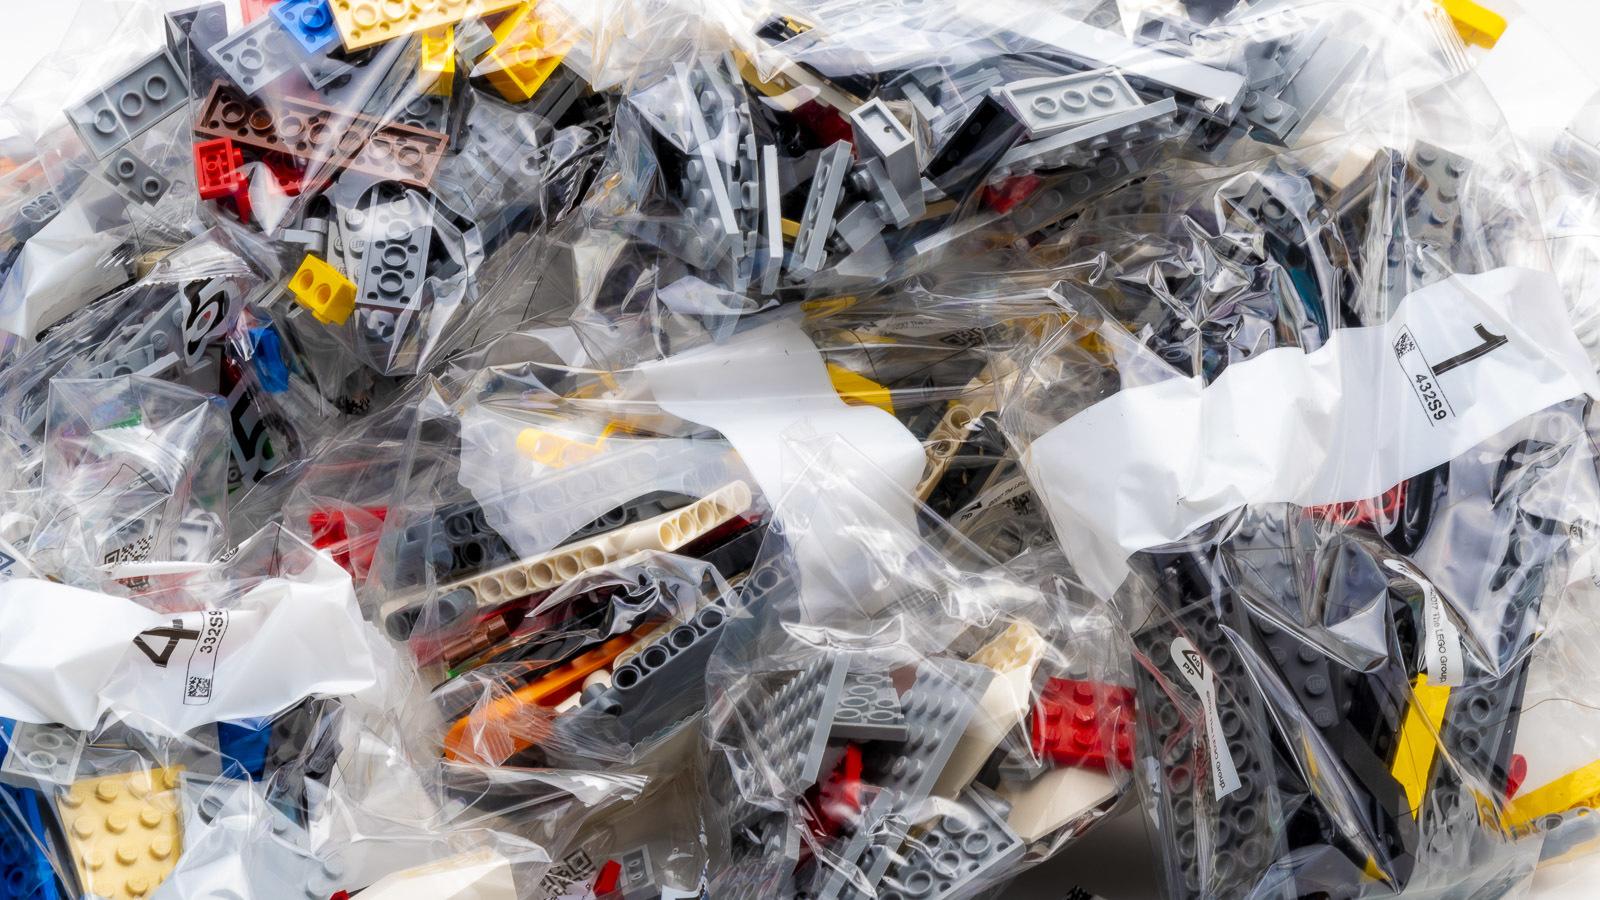 全長1mオーバー、LEGOで組む巨大なスター・デストロイヤーに本物の「優しさ」を感じた話_b0029315_17540306.jpg